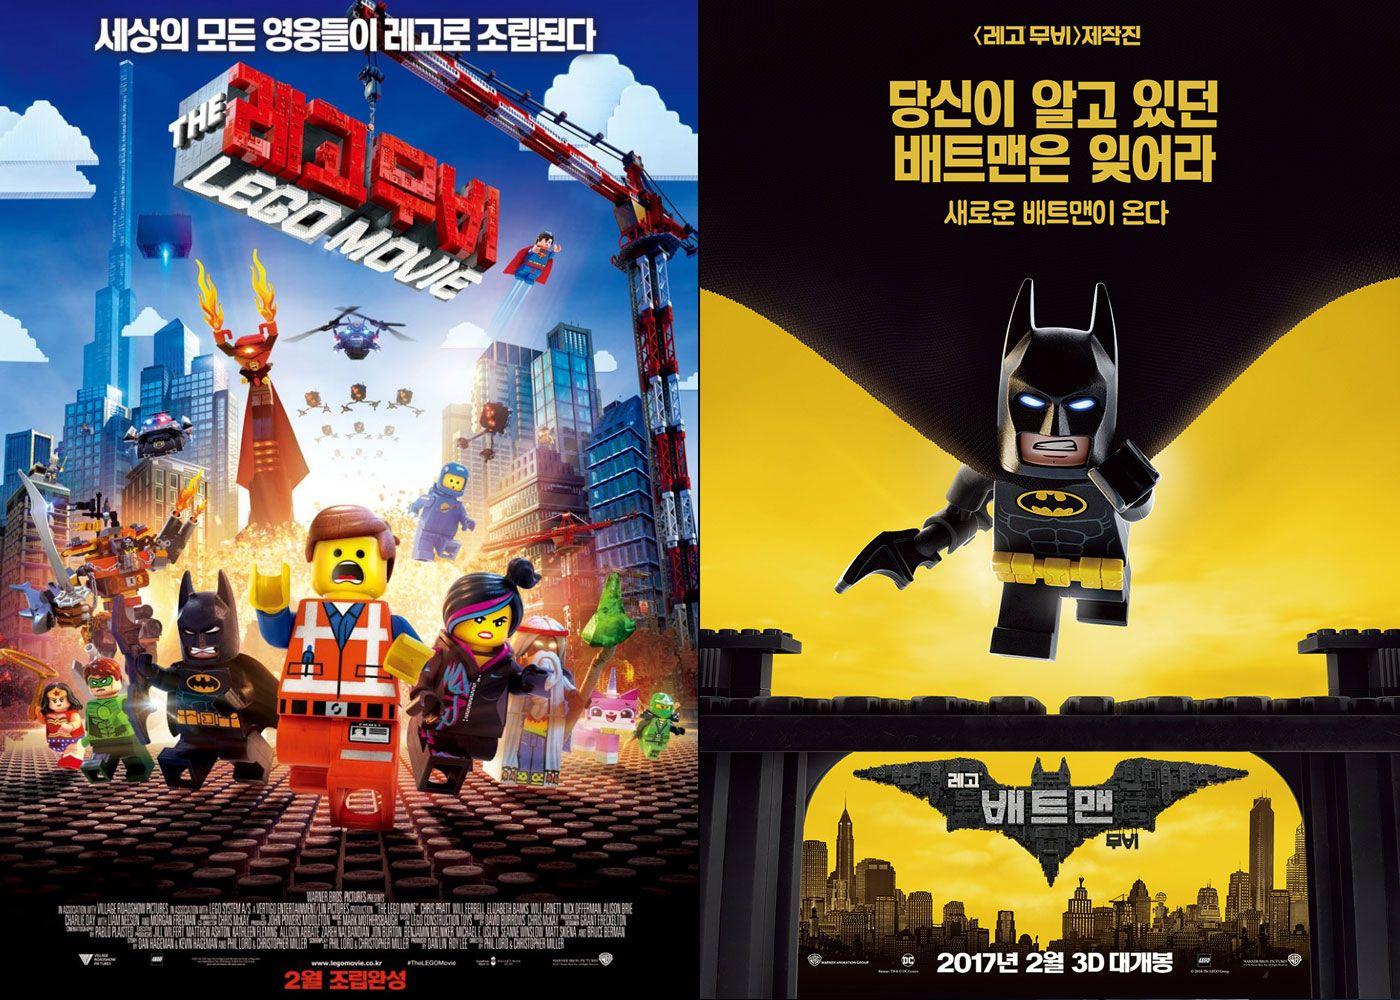 '레고 무비'(2014) vs '레고 배트맨 무비'(국내 2월9일 개봉)